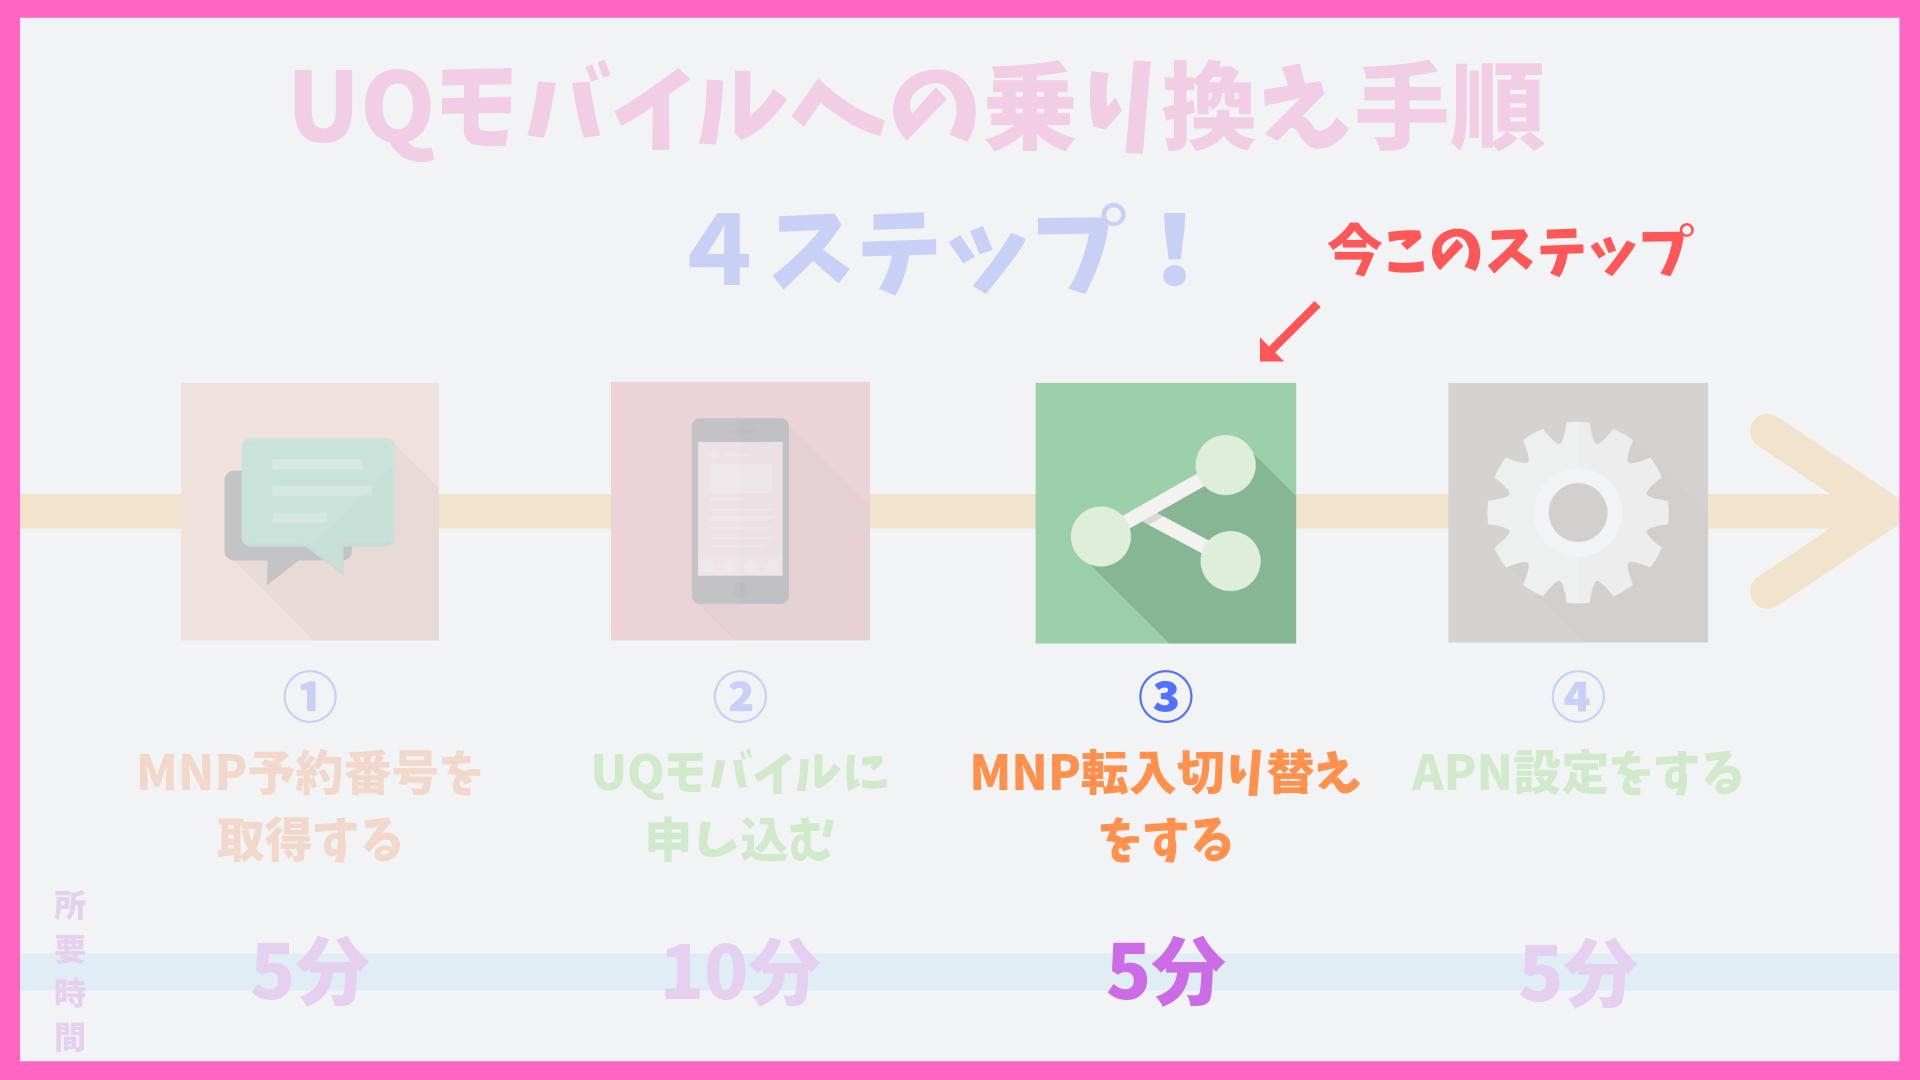 UQモバイル MNP転入手続き方法